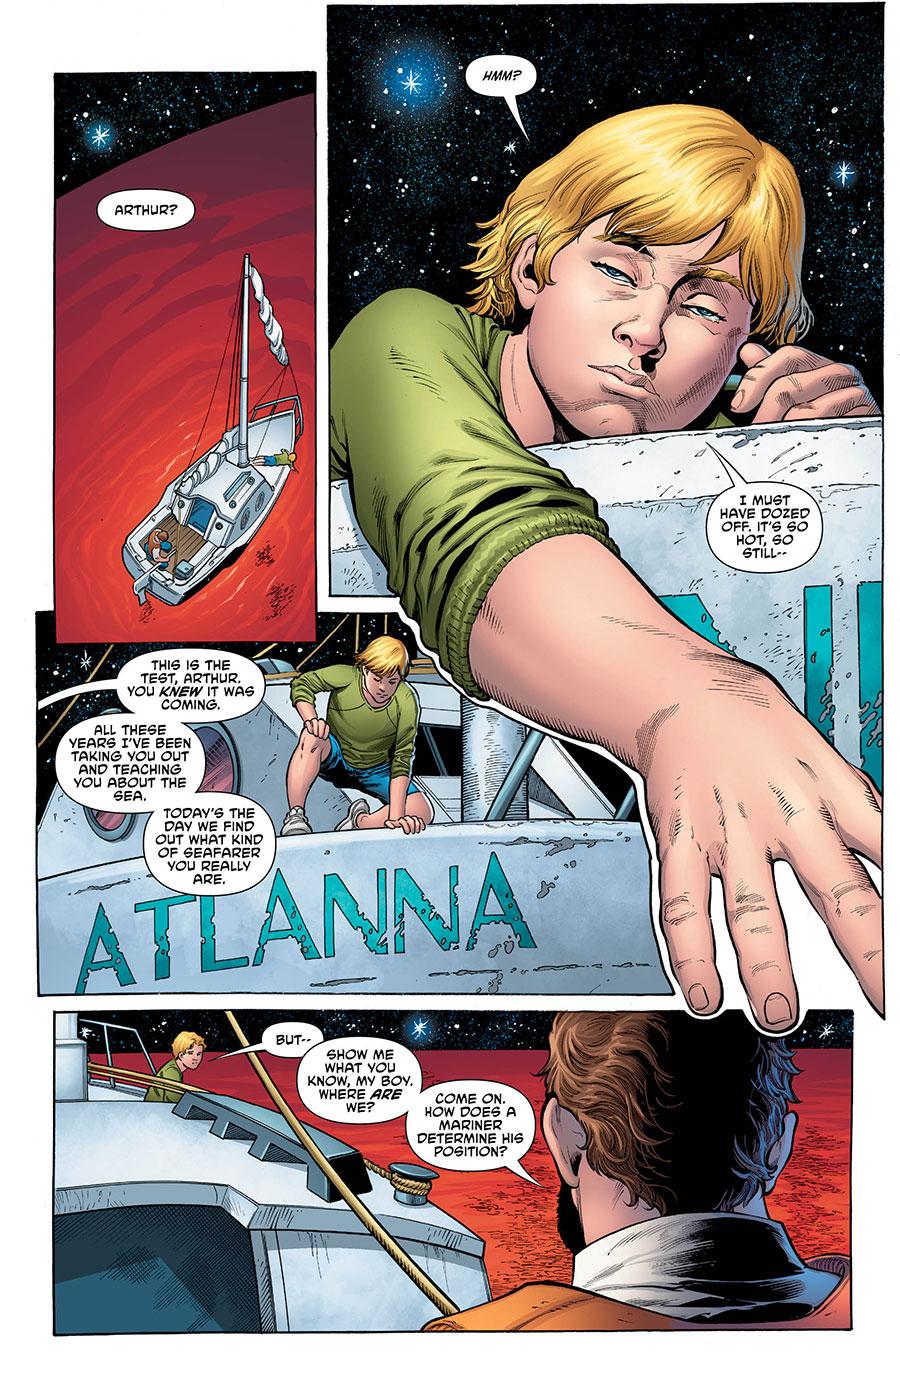 Aquaman 42-4 - DC Comics News